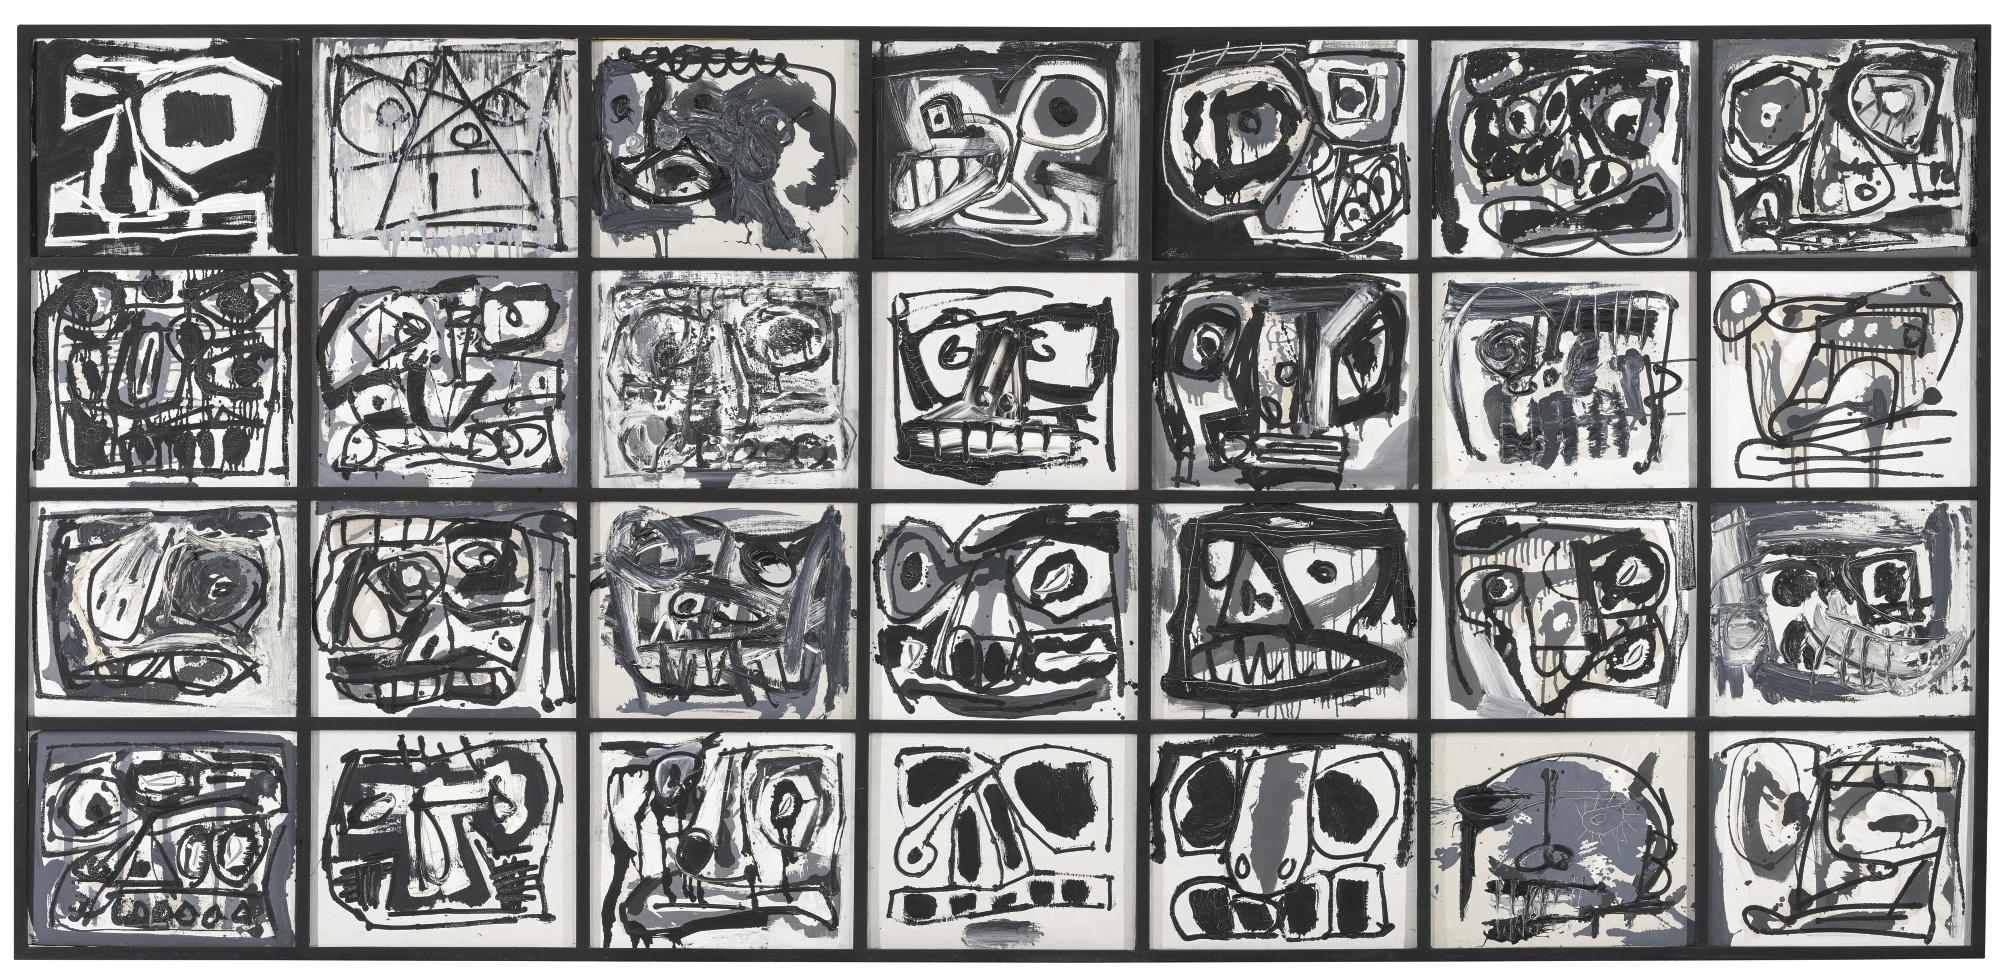 Antonio Saura-Metamorfosis-1964